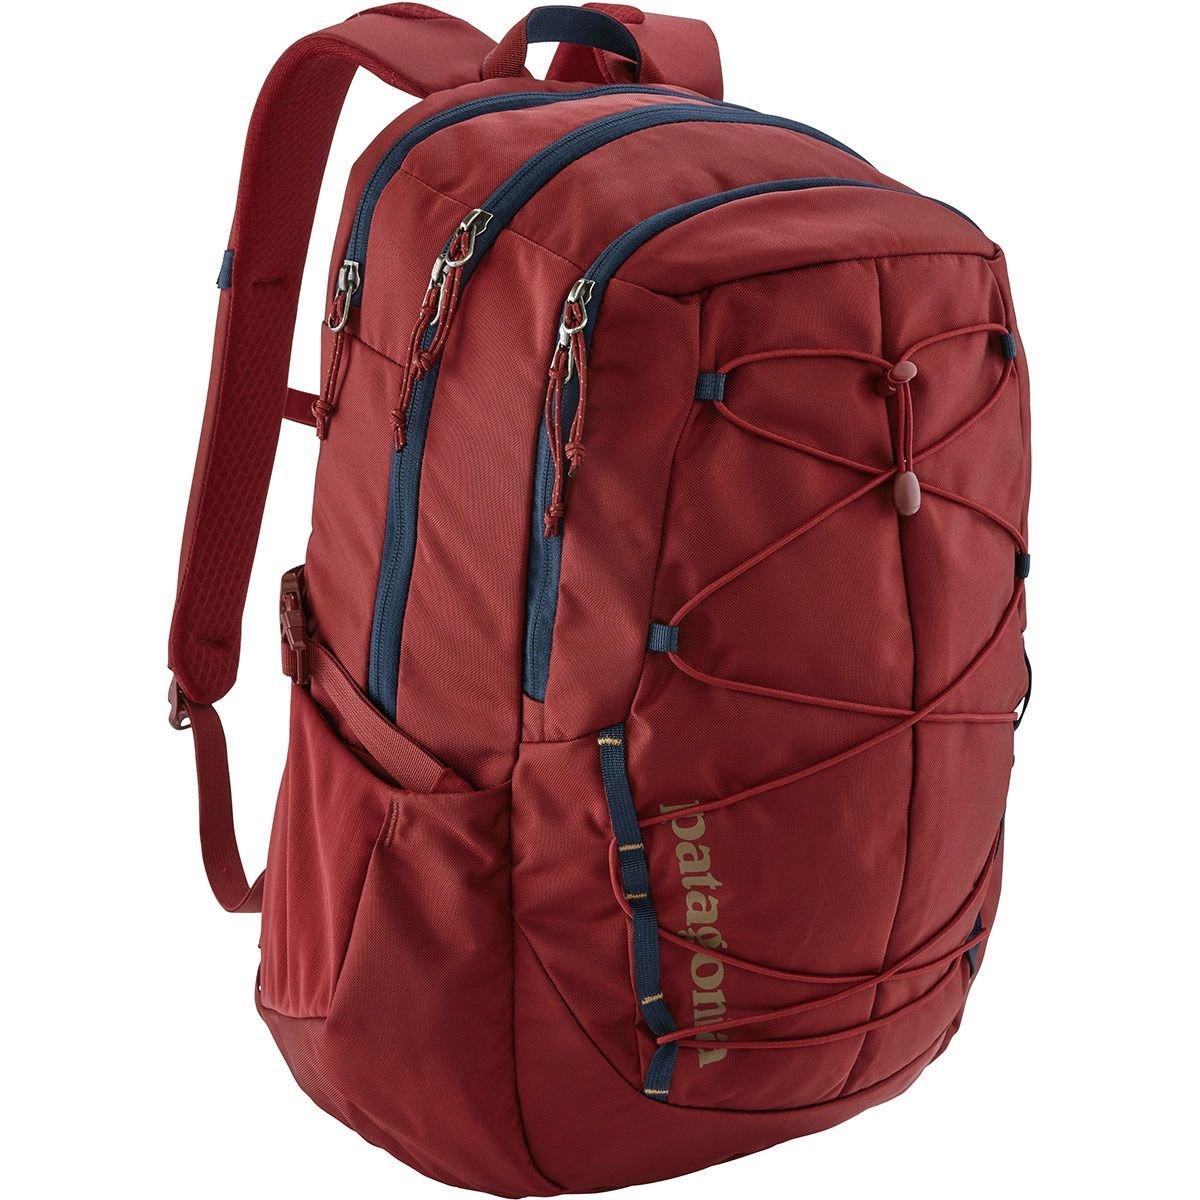 (パタゴニア) Patagonia Chacabuco 30L Backpackメンズ バックパック リュック Oxide Red [並行輸入品] One Size  B07F9MX9Z5